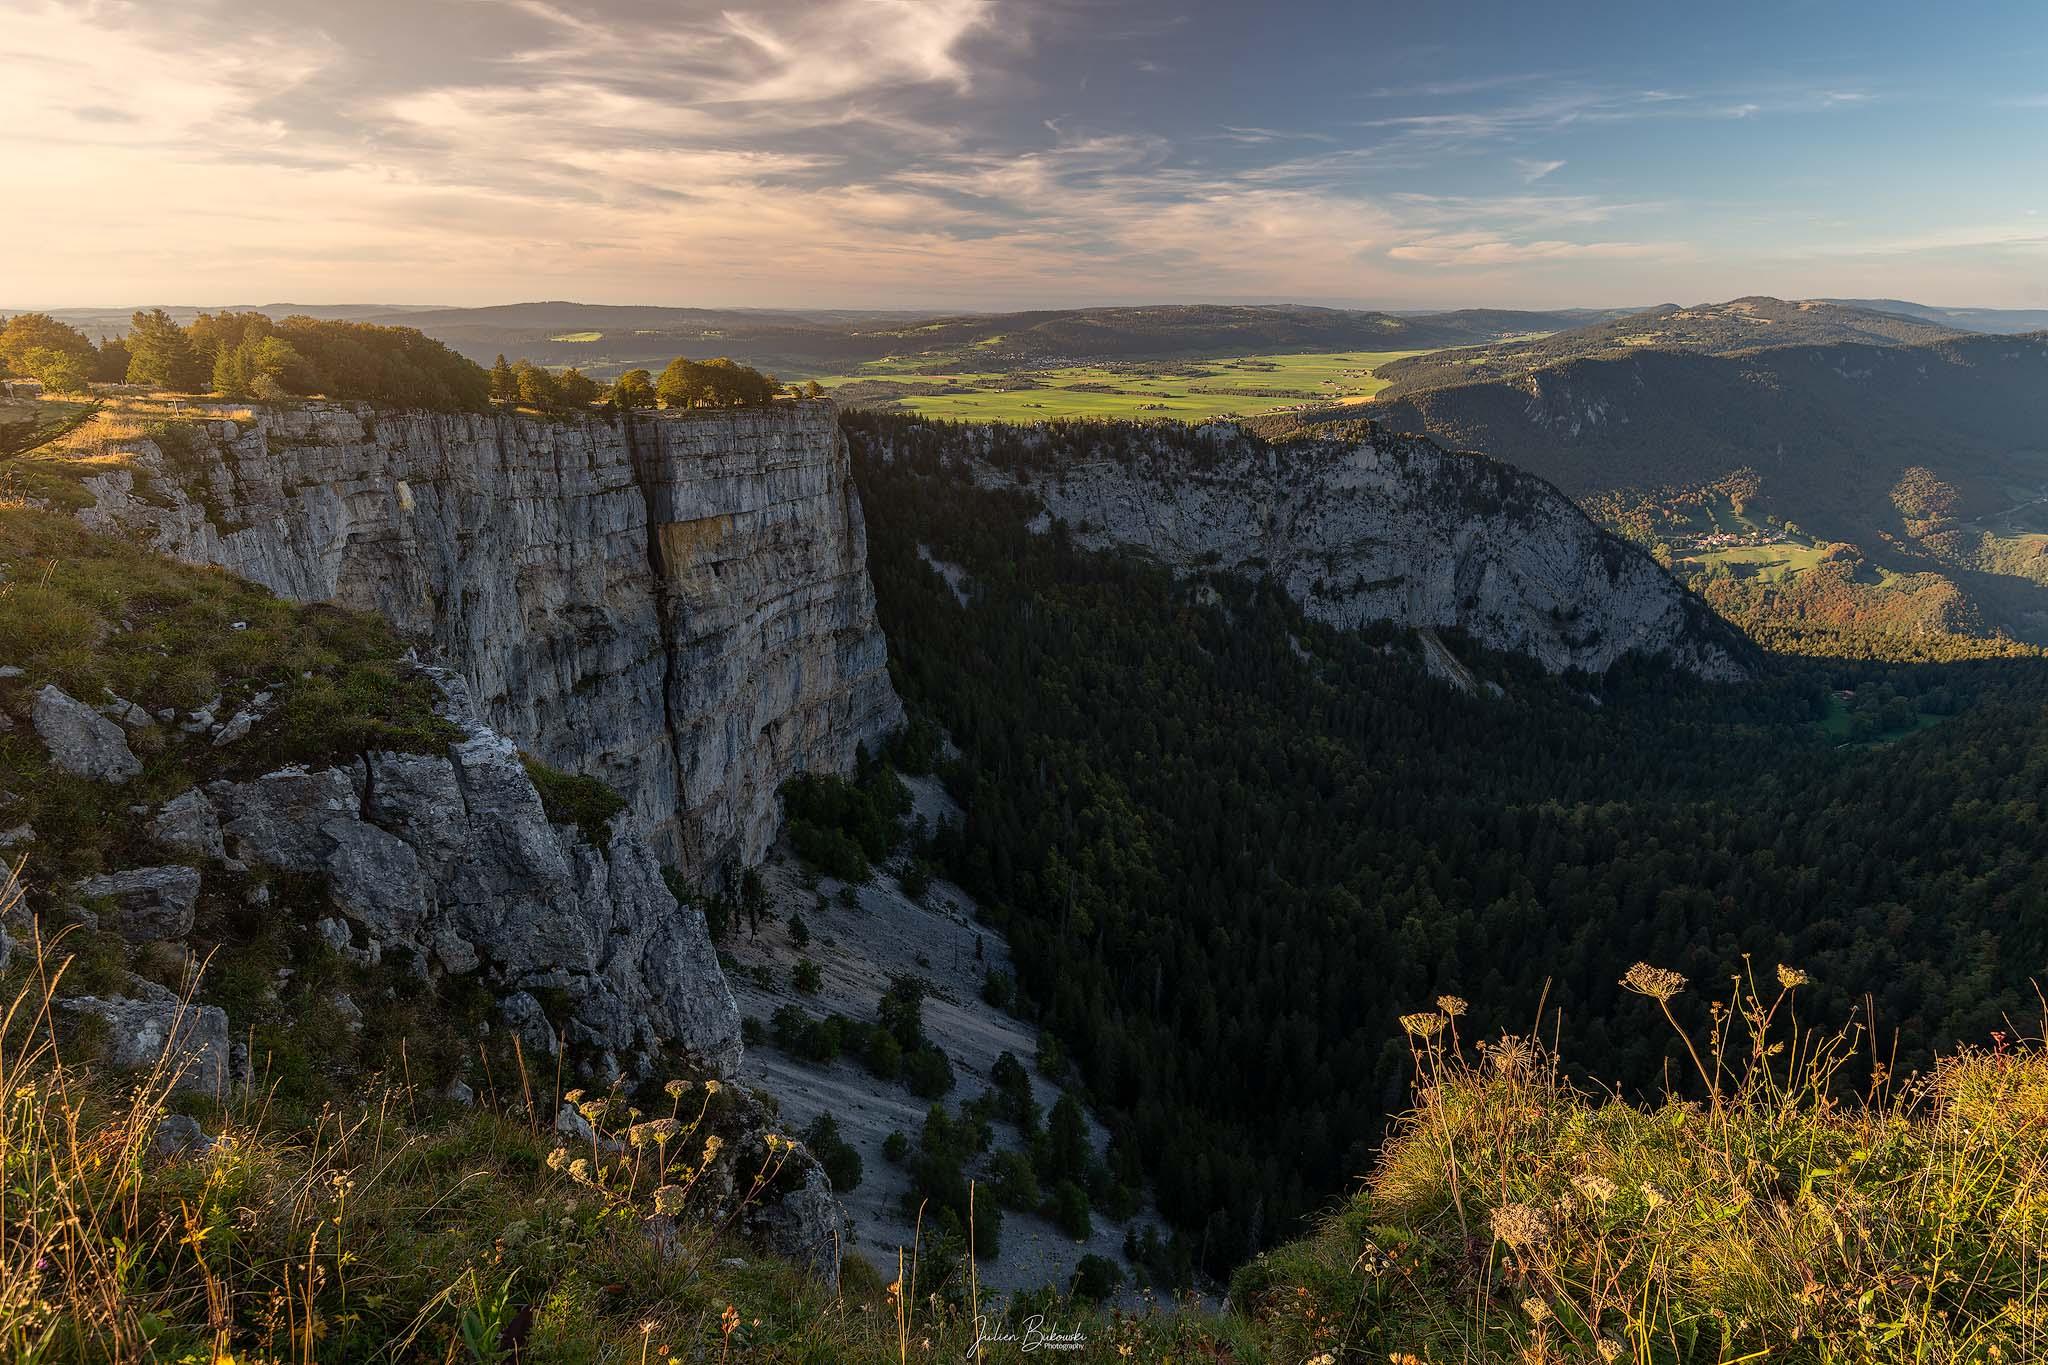 Neuchâtel Mountain-Suisse-Switzerland-Creux du Van-Neuchâtel montagne-Falaise-Jura-Neuchâtel-Julien Bukowski-Workshops photo